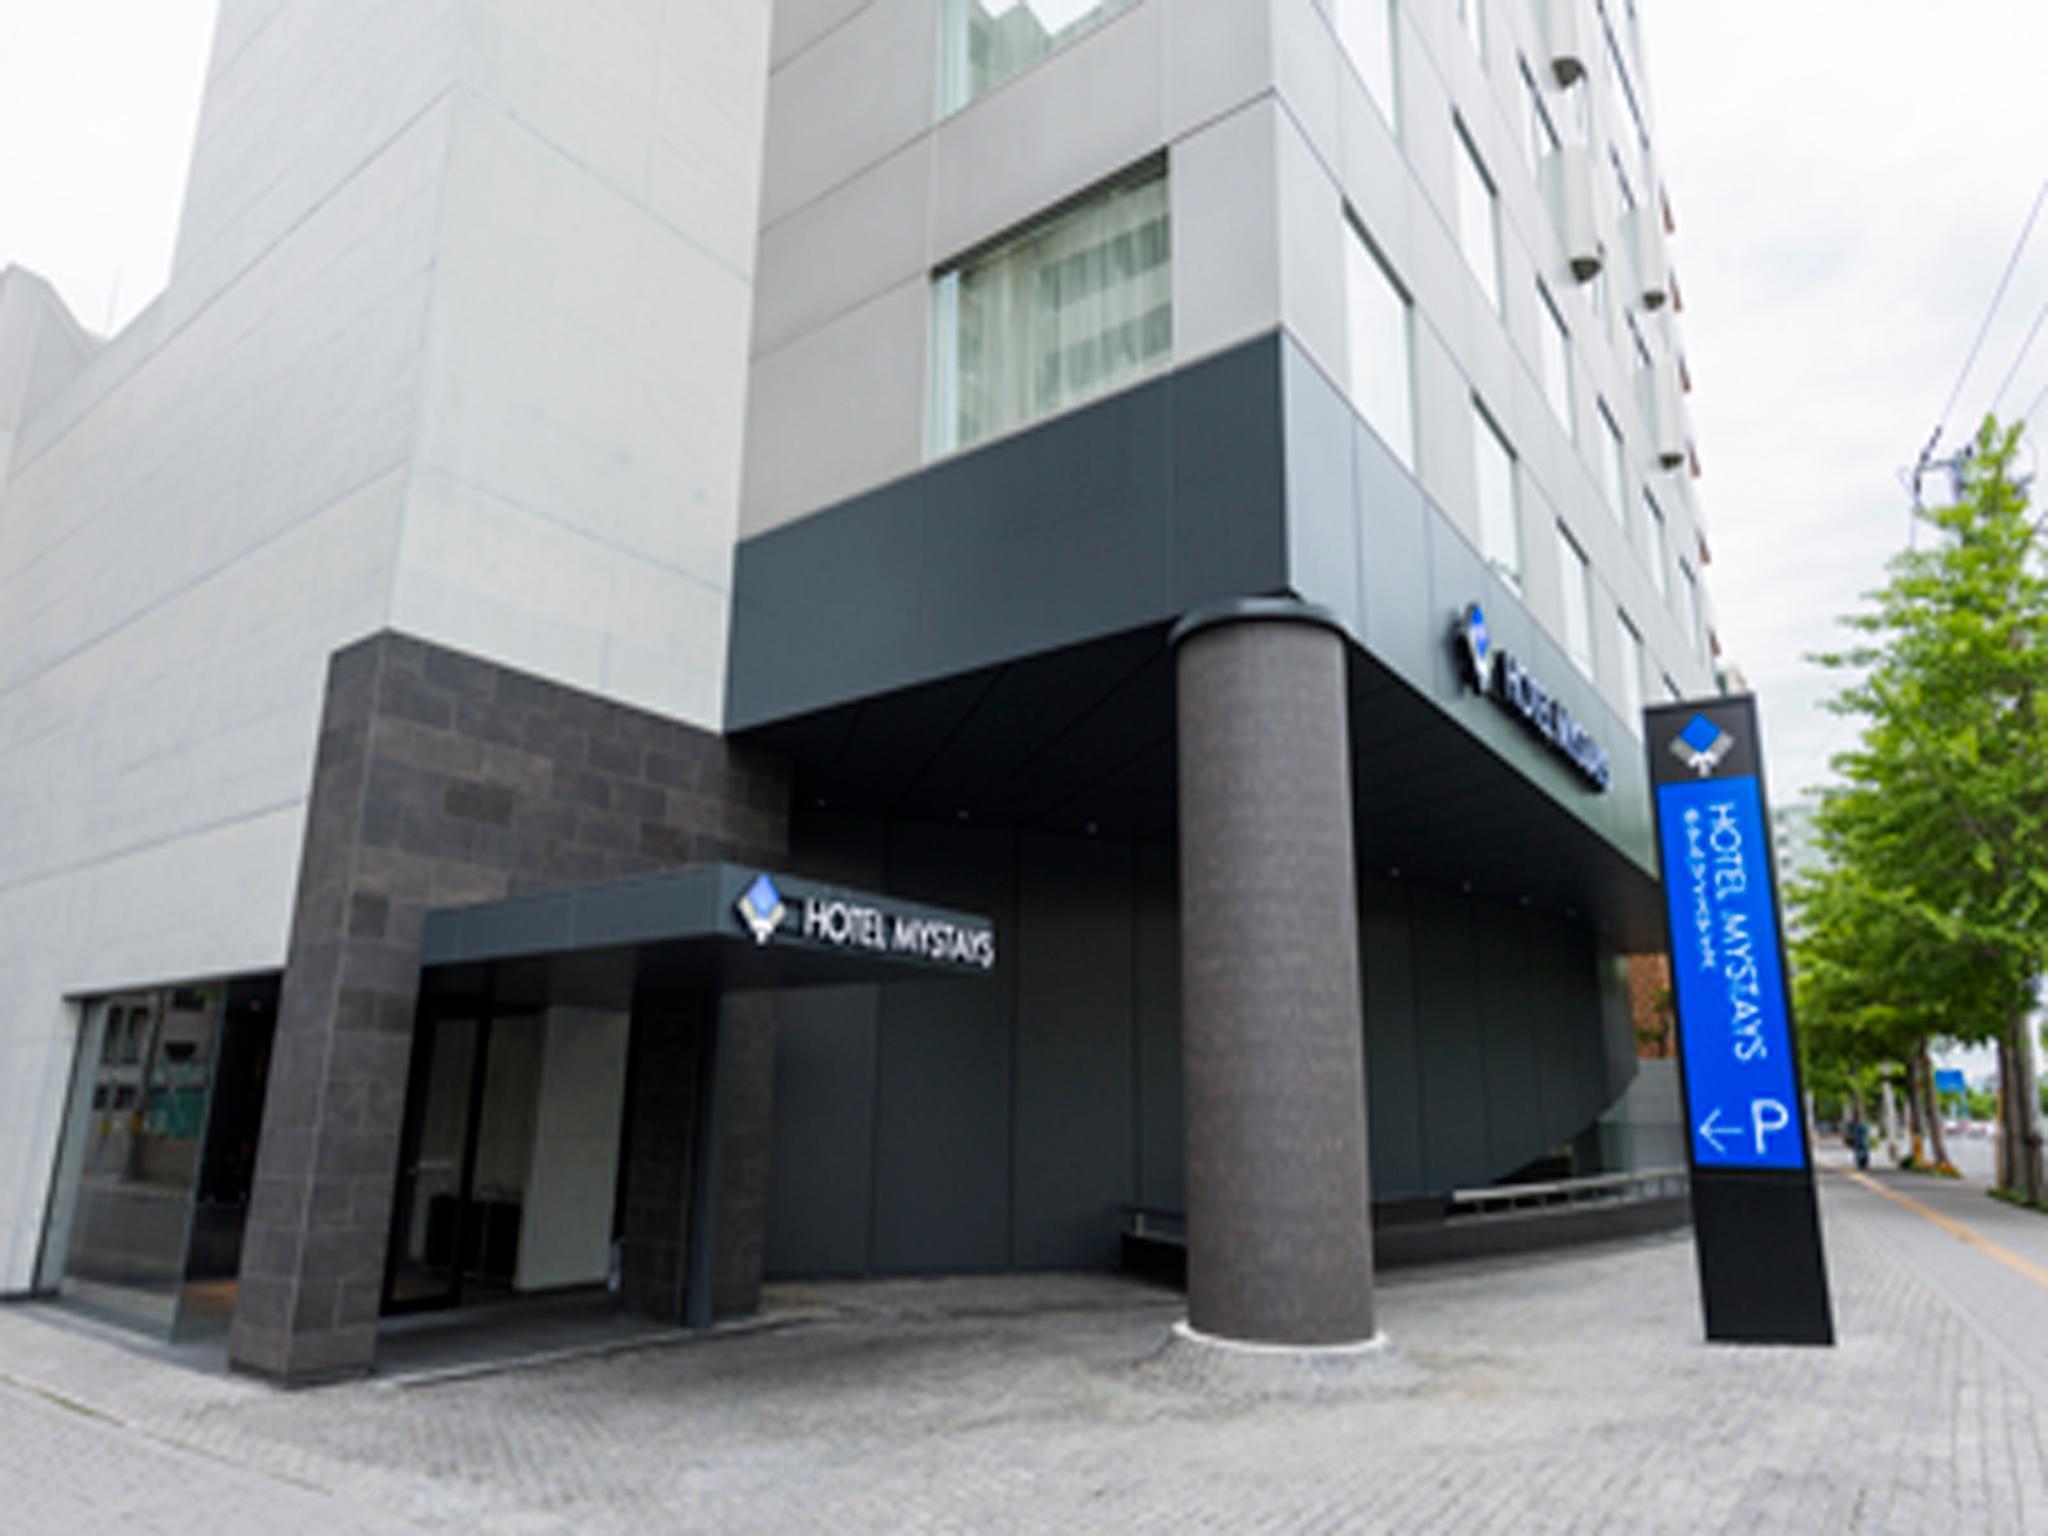 โรงแรม มายสเตย์ ซัปโปโร นะกะจิมะ พาร์ค